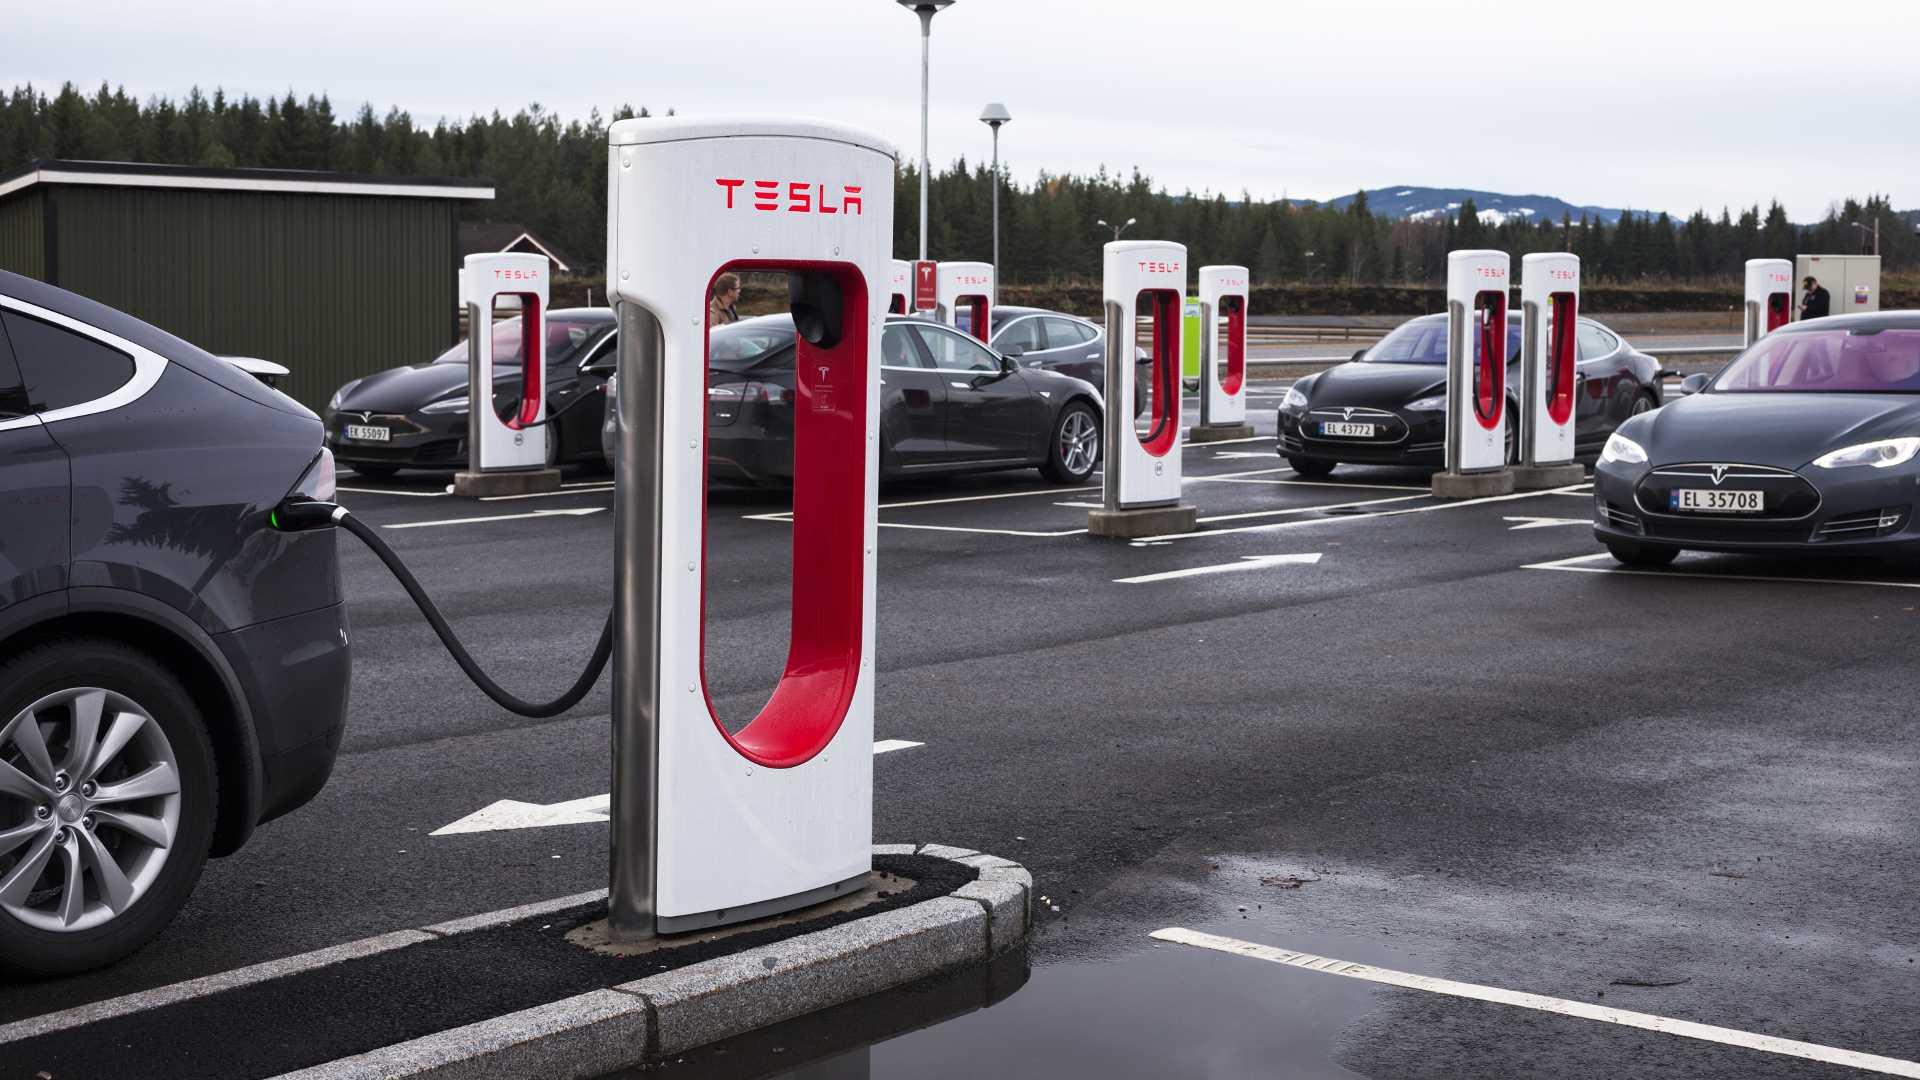 Tesla поднимается вверх по лестнице удовлетворенности клиентов в Норвегии и занимает первое место